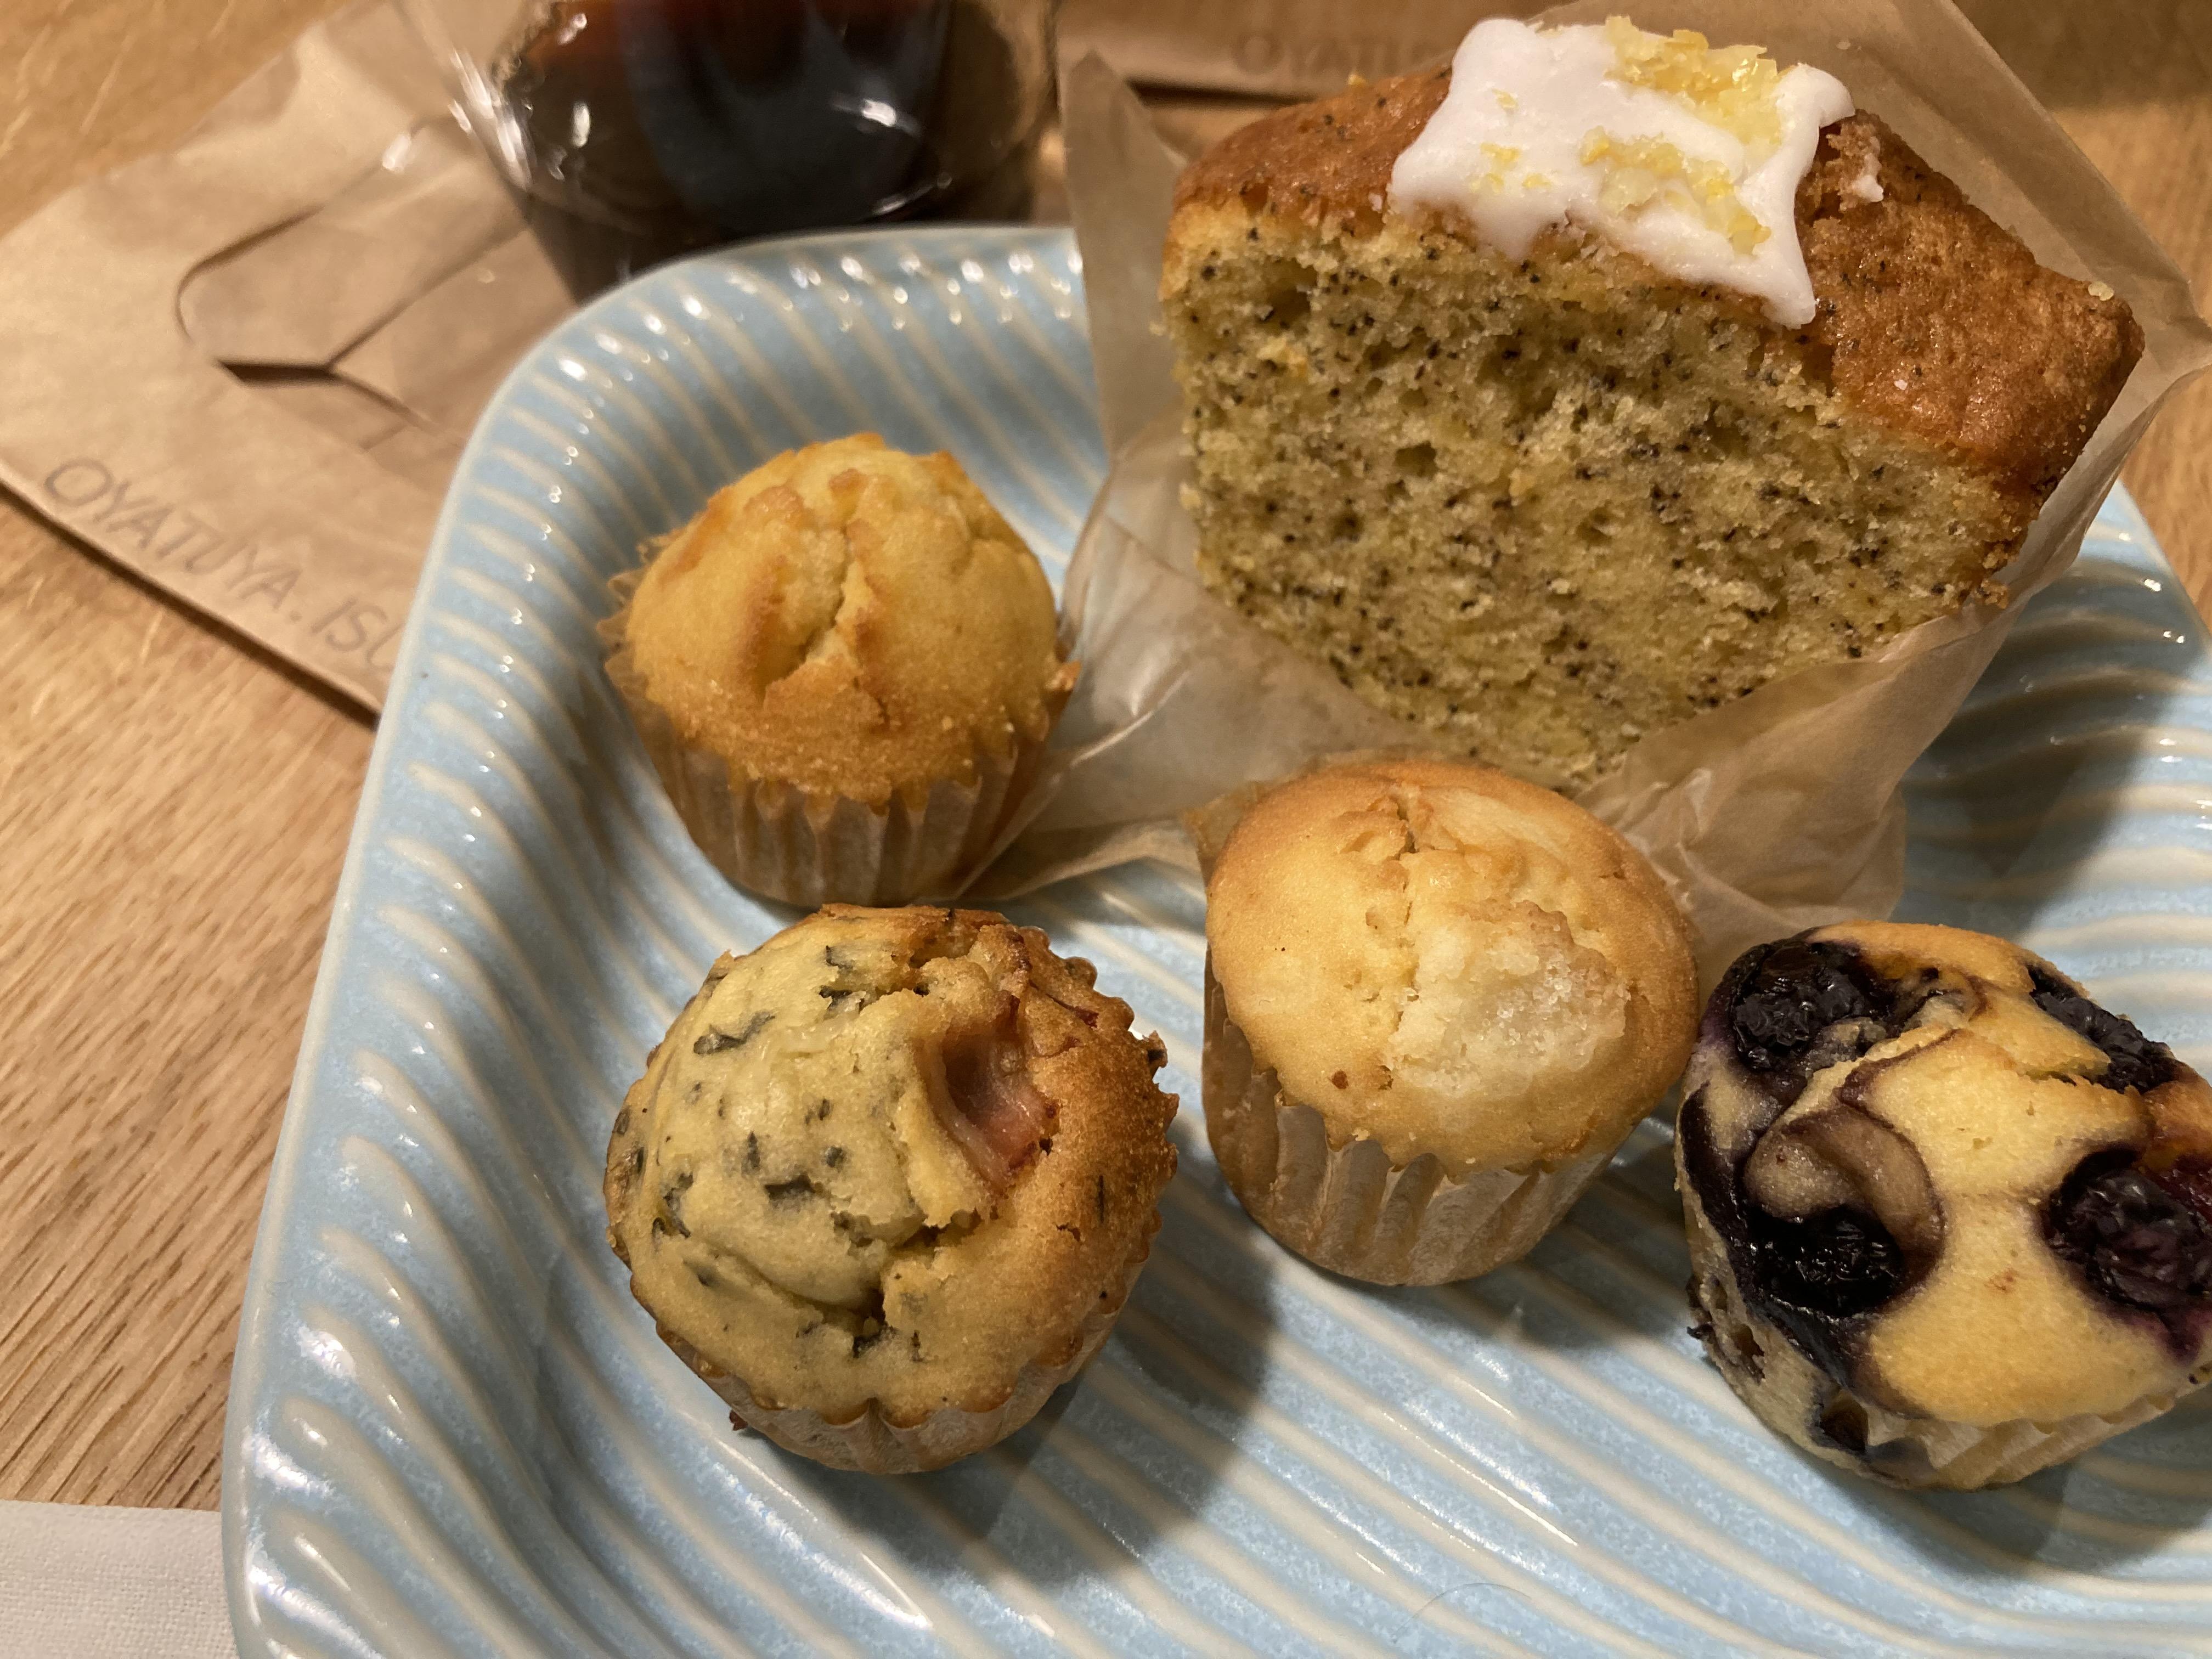 あんバターマフィン、レモン紅茶のバウンドケーキ他@LUCUA1100オヤツヤ